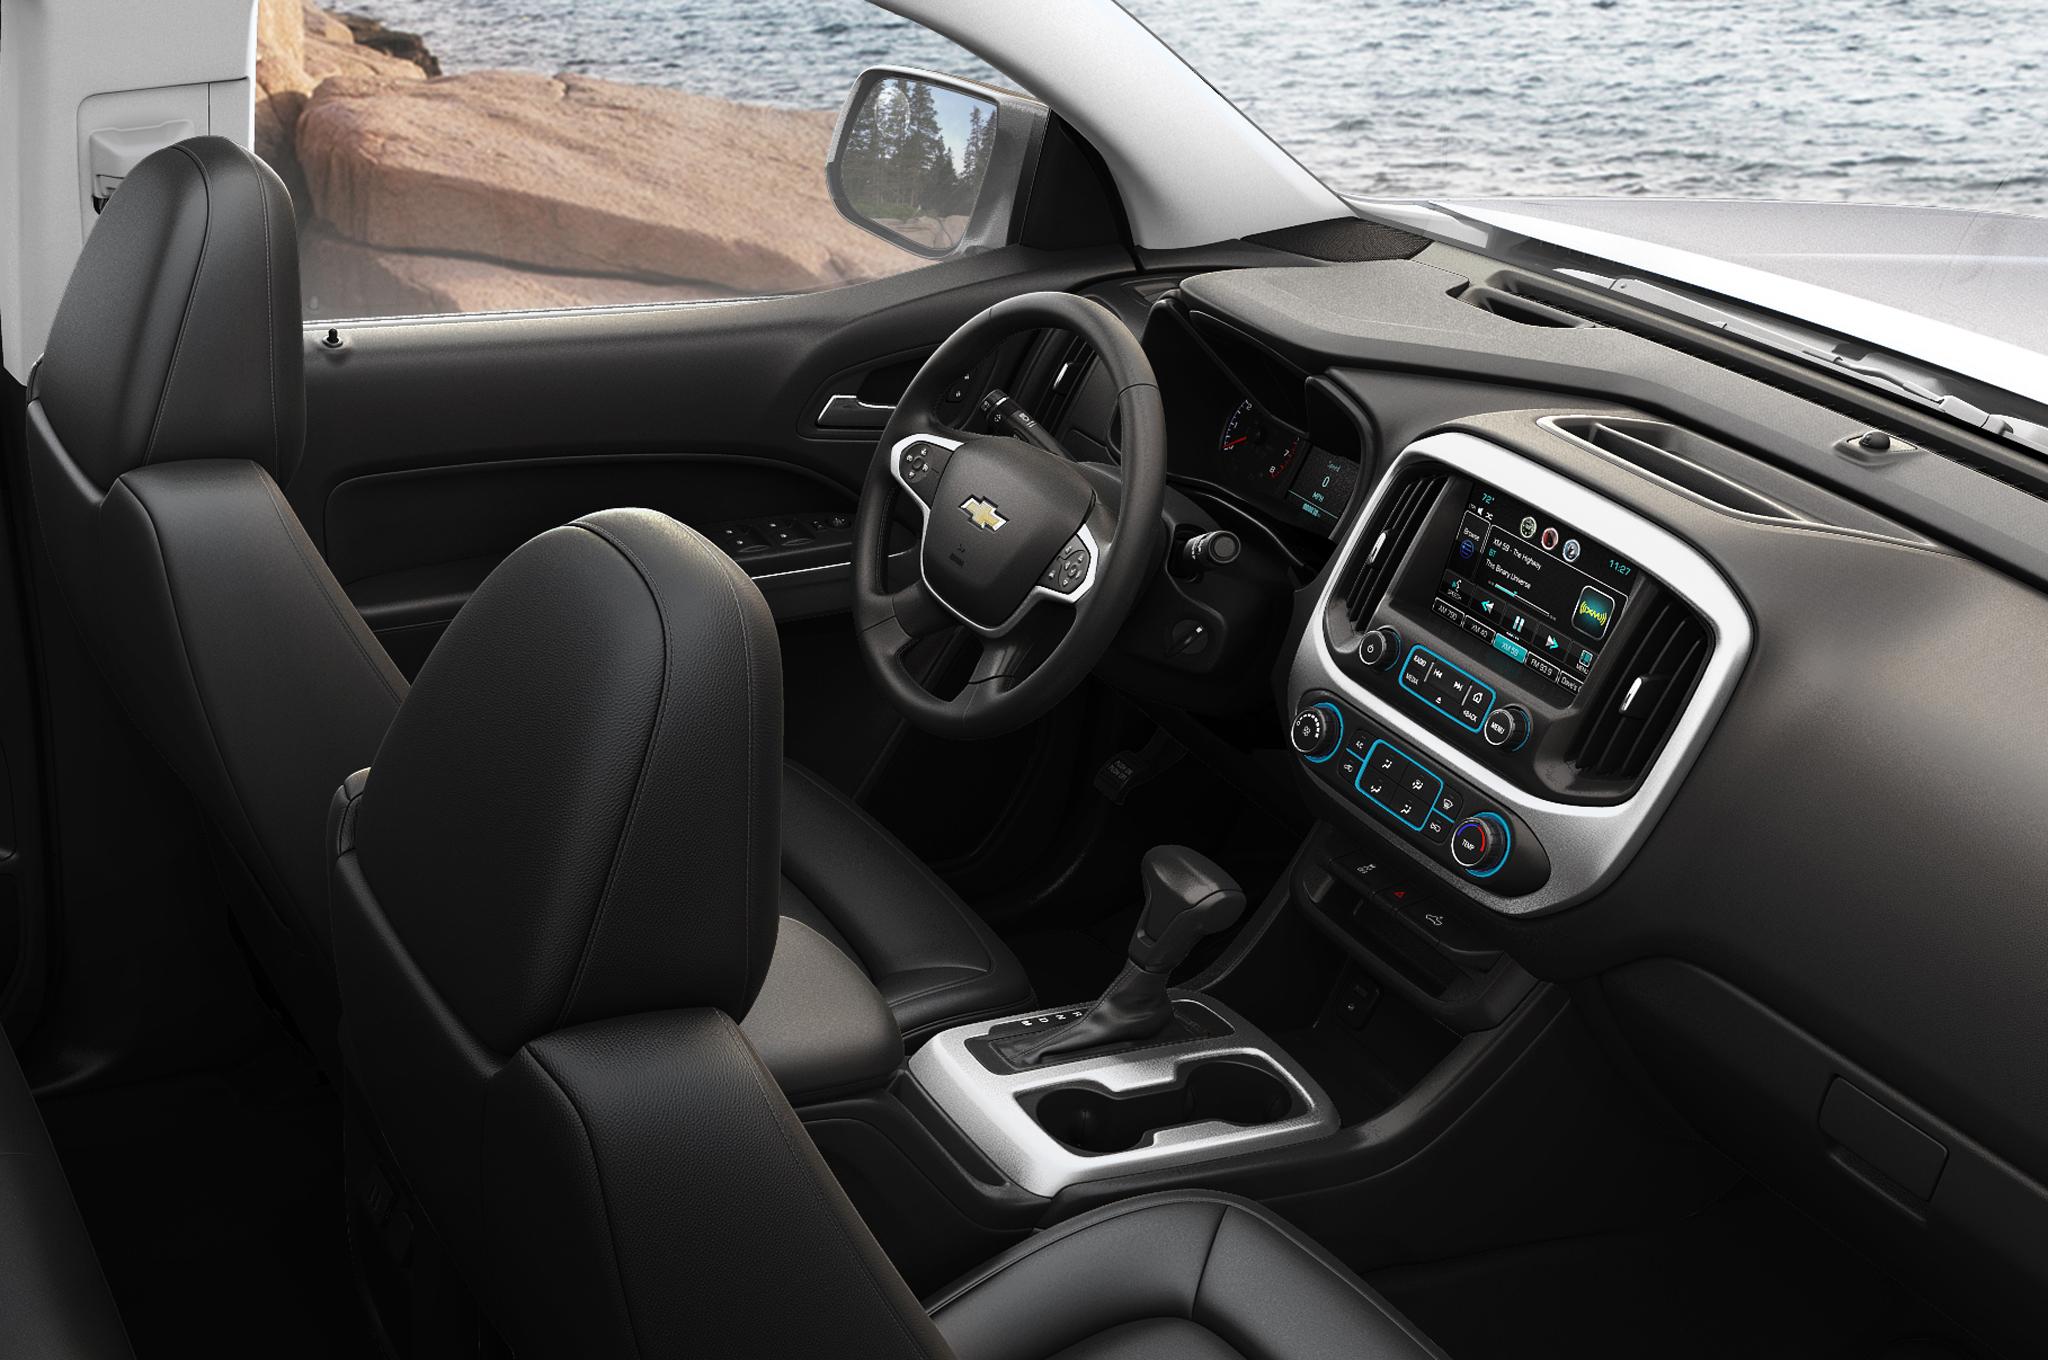 2015 Chevrolet Colorado Cockpit Dimensions (View 8 of 8)